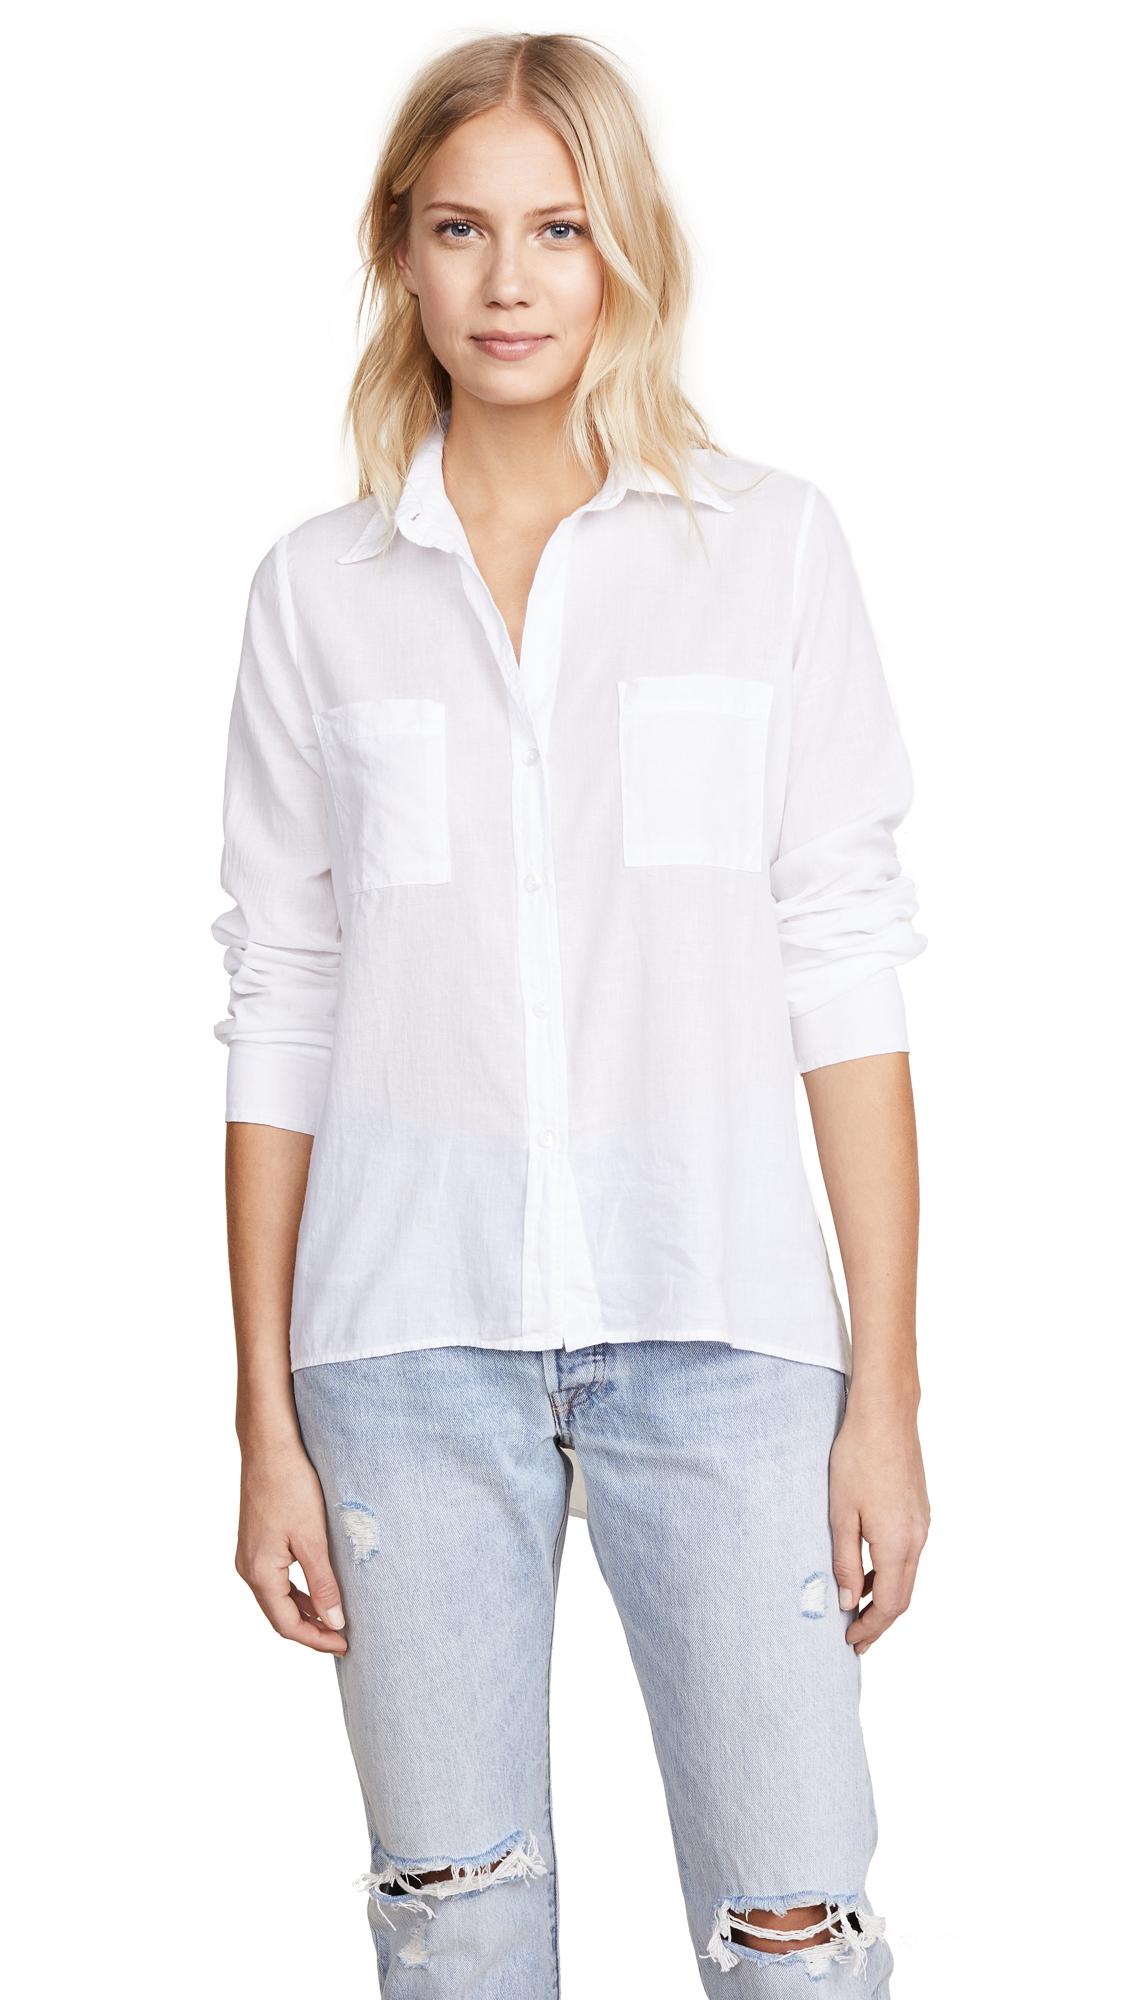 Enza Costa Hi Lo Shirt - White